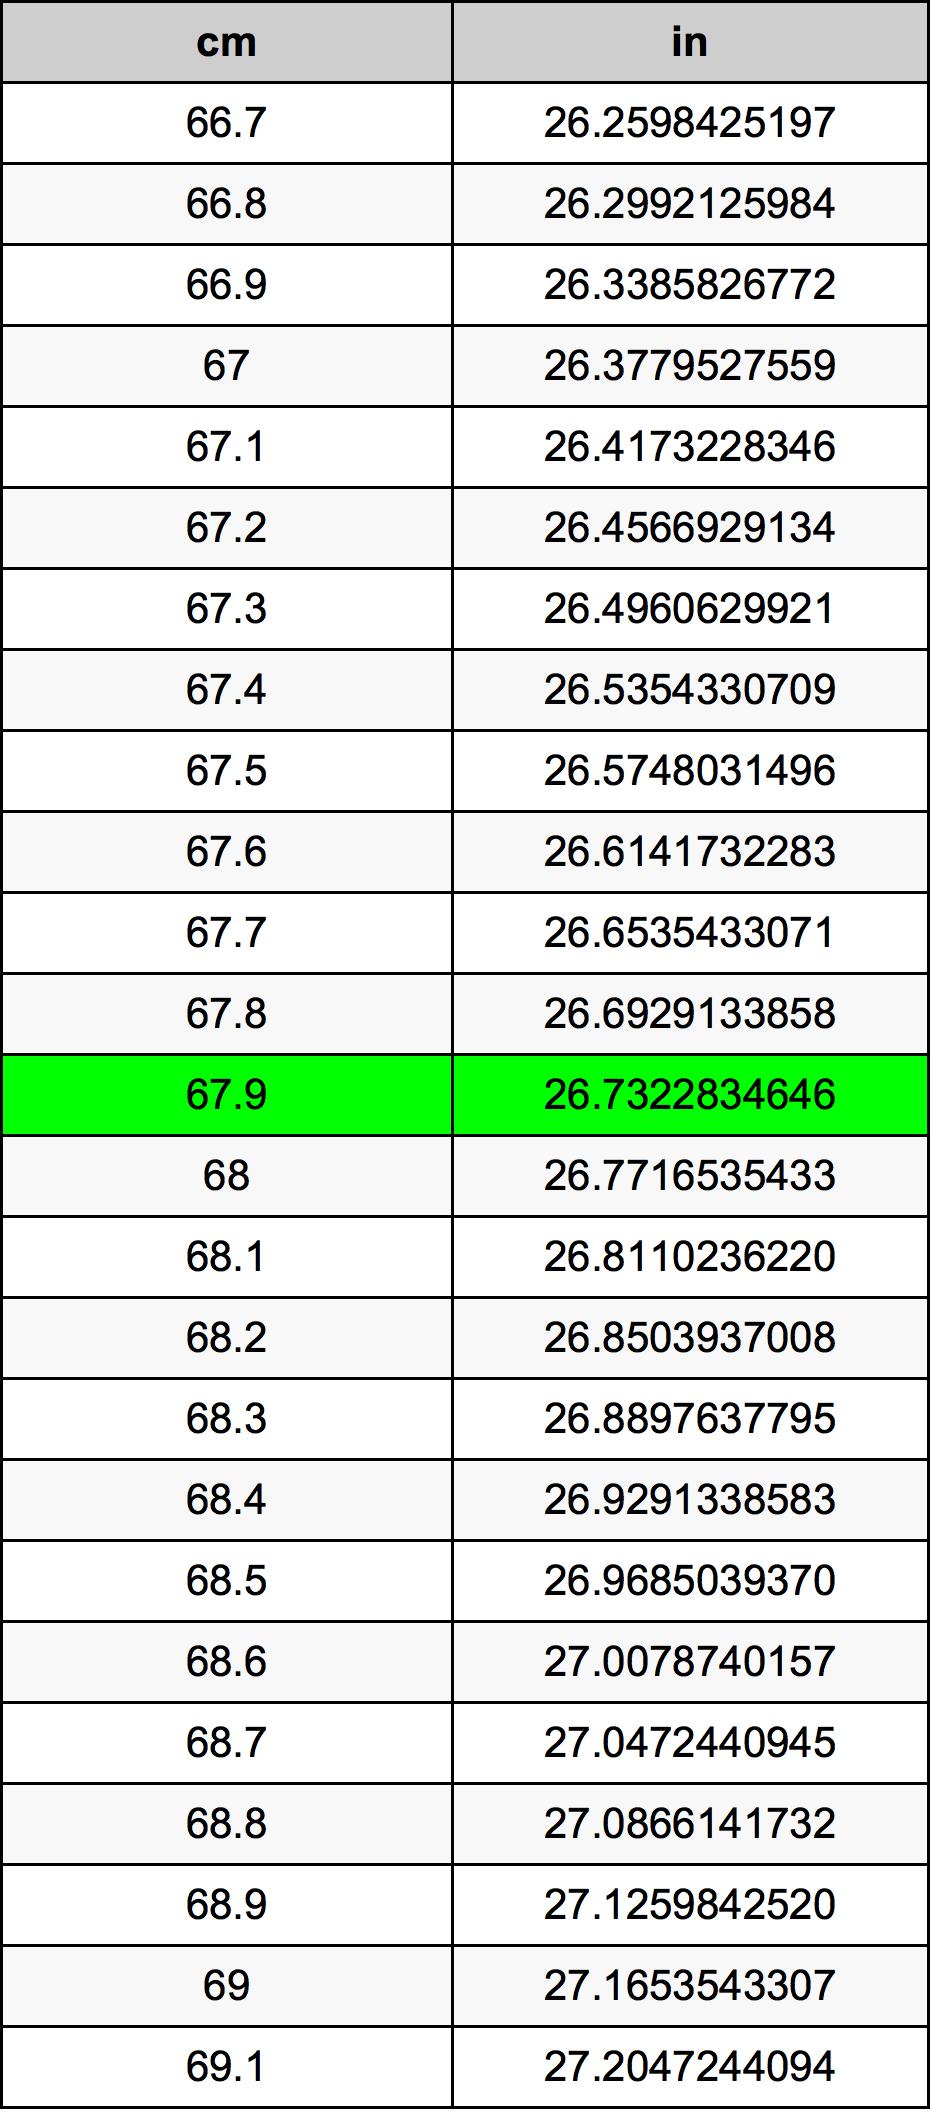 67.9 Centymetr tabela przeliczeniowa